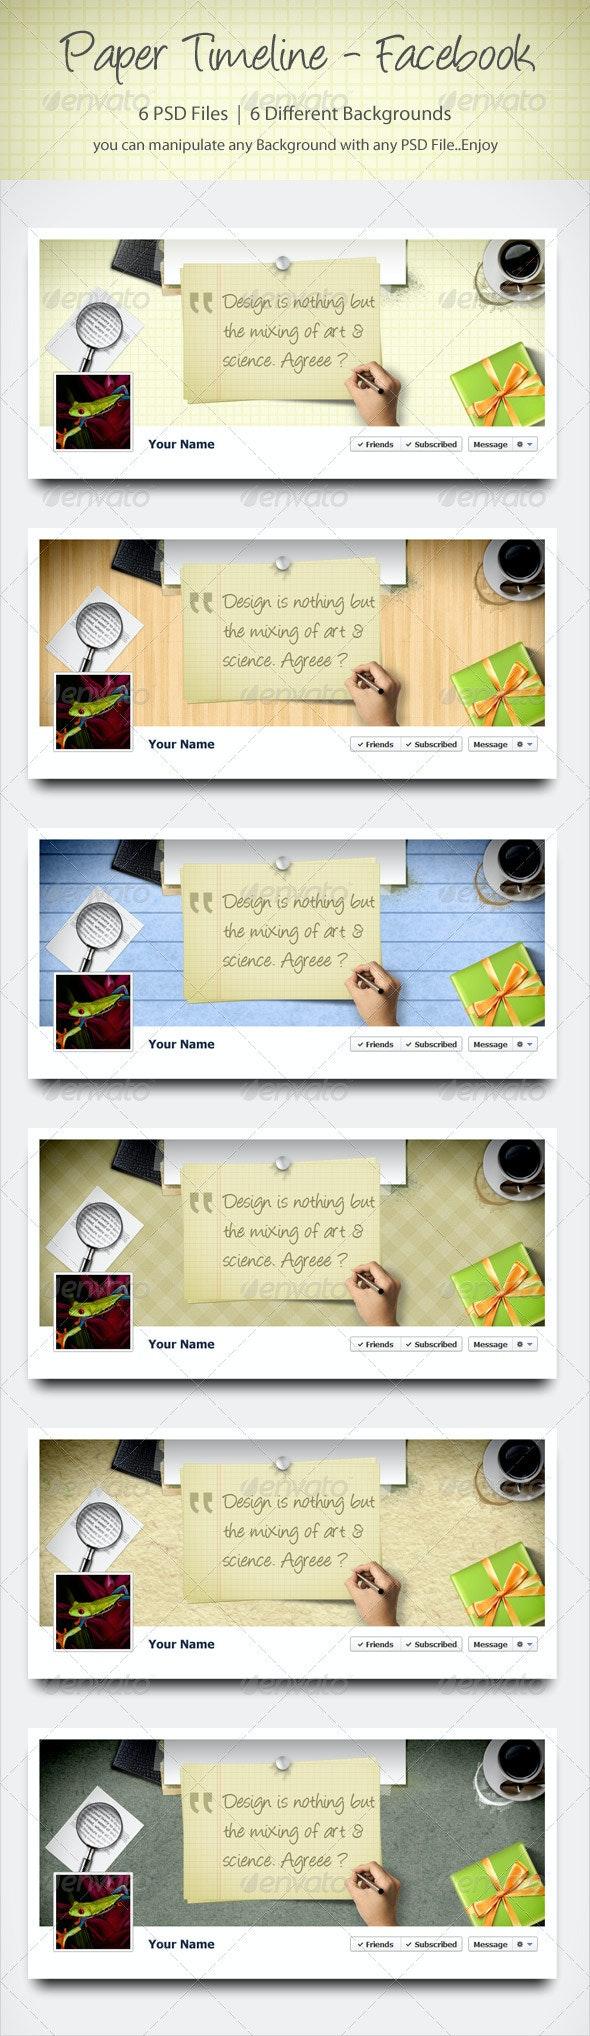 Paper Timeline - Facebook - Facebook Timeline Covers Social Media